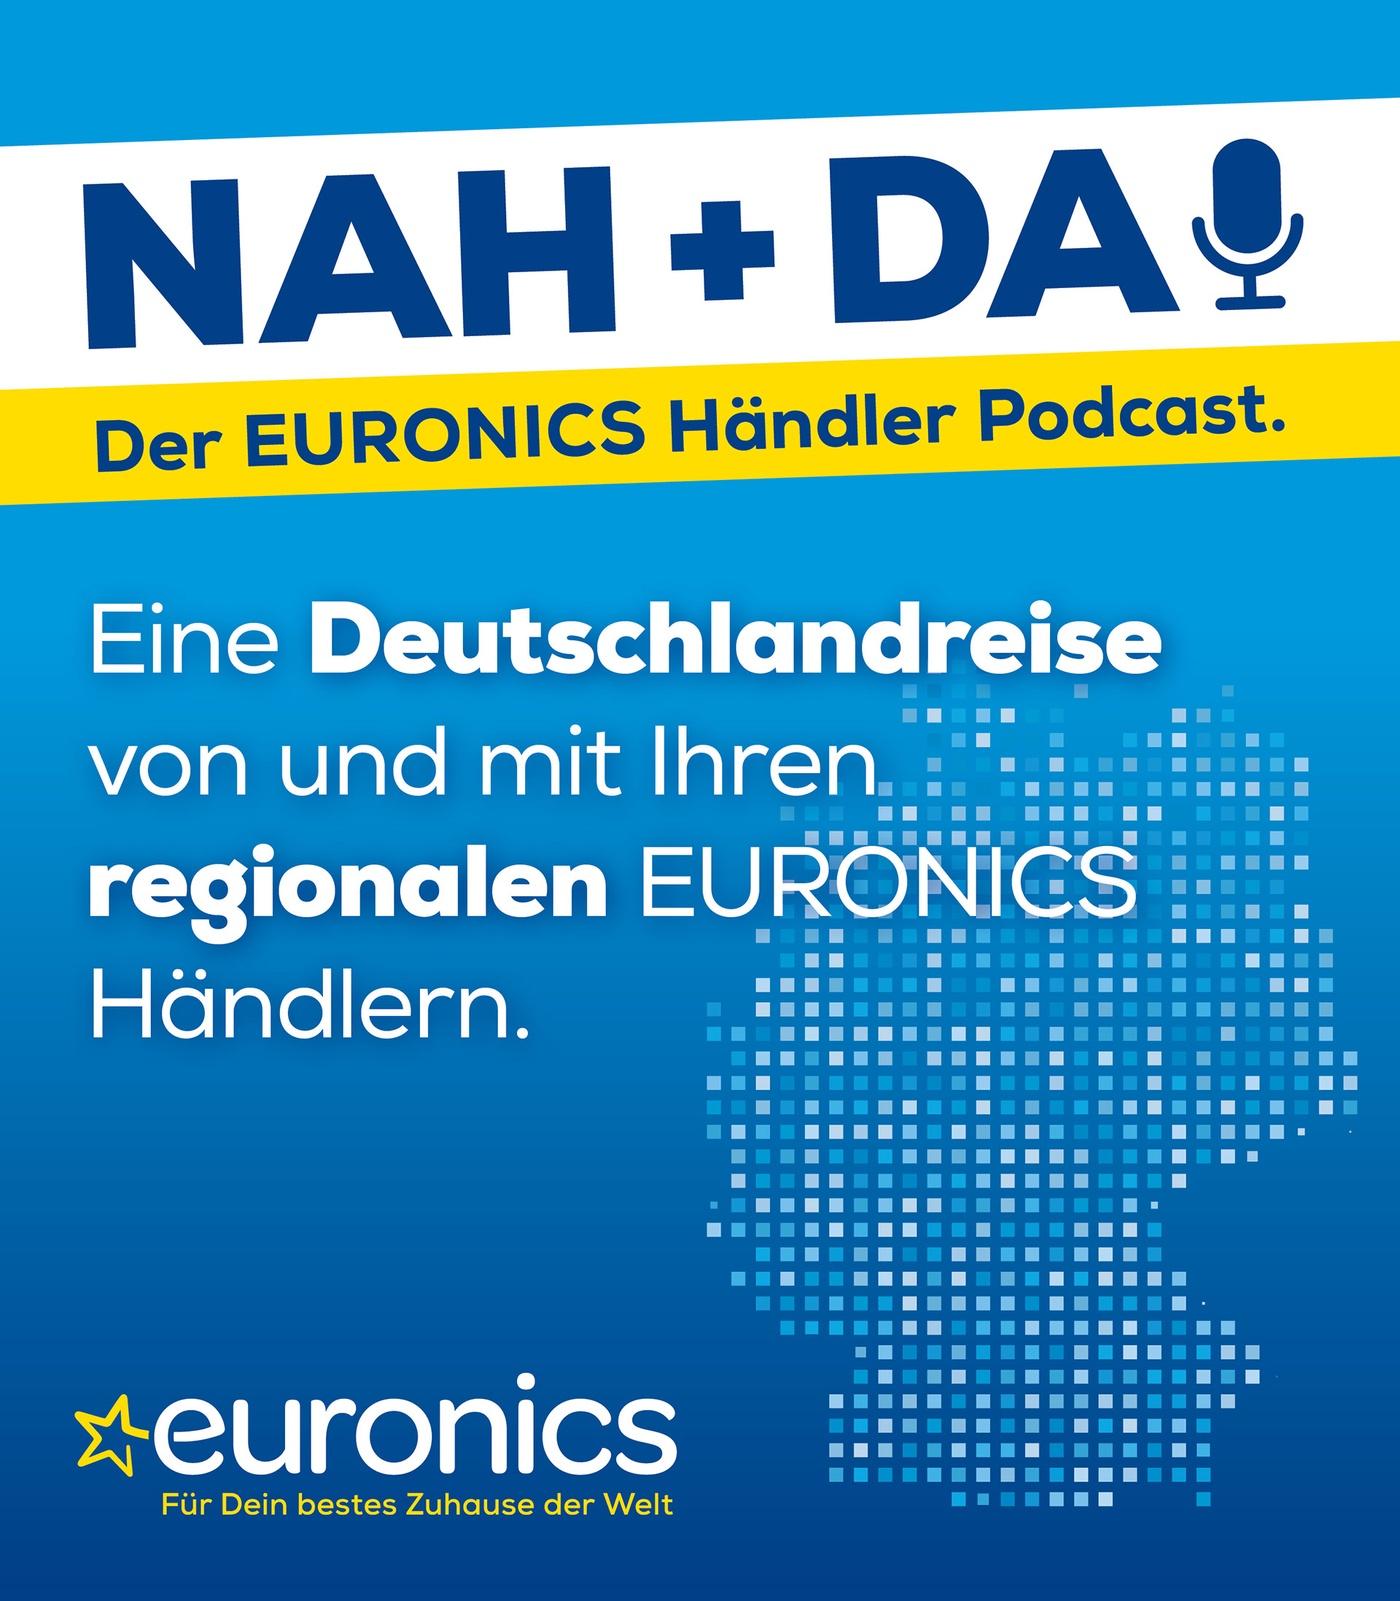 Nah + Da ! - der EURONICS Händler Podcast